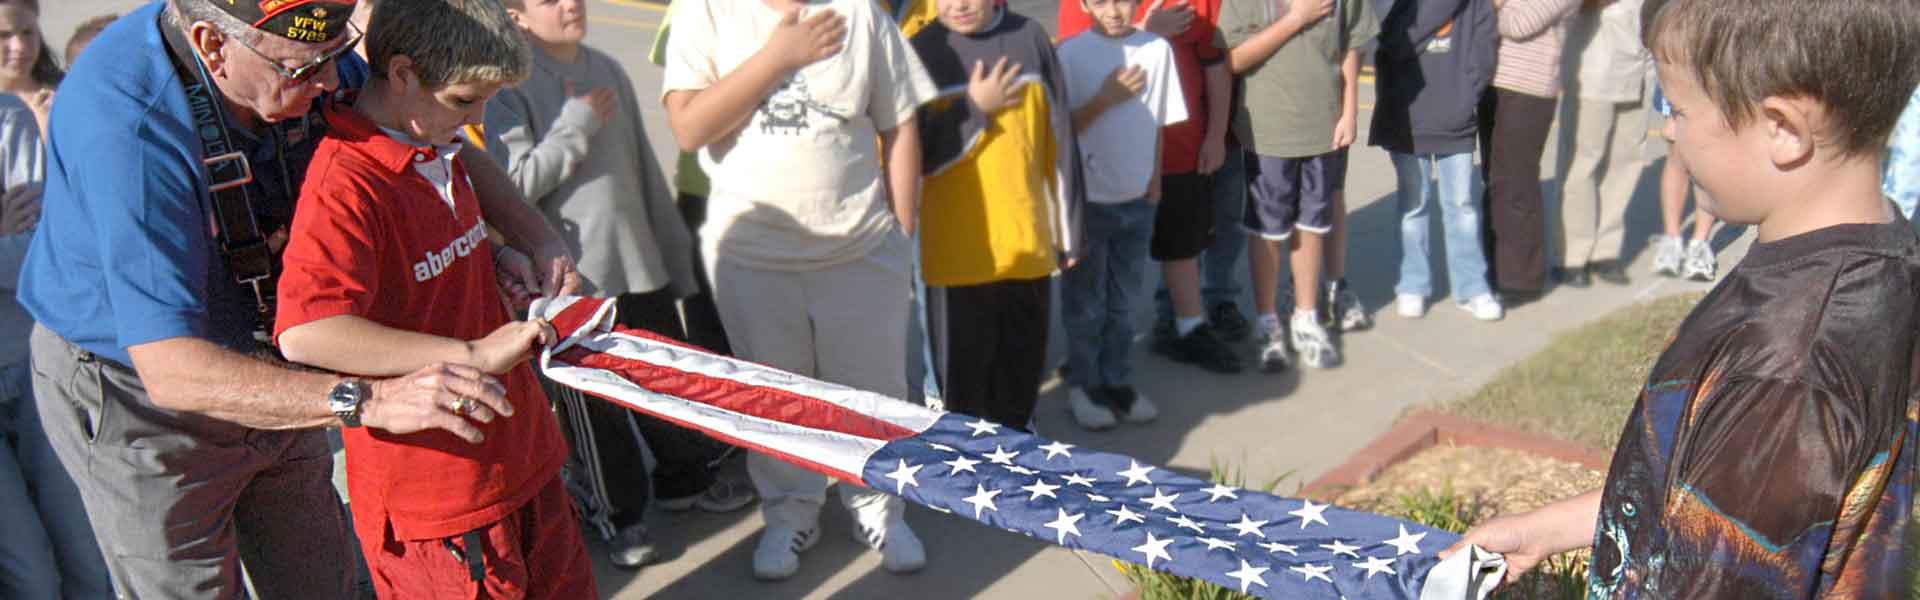 d7ea76fed09 Flag Etiquette - VFW